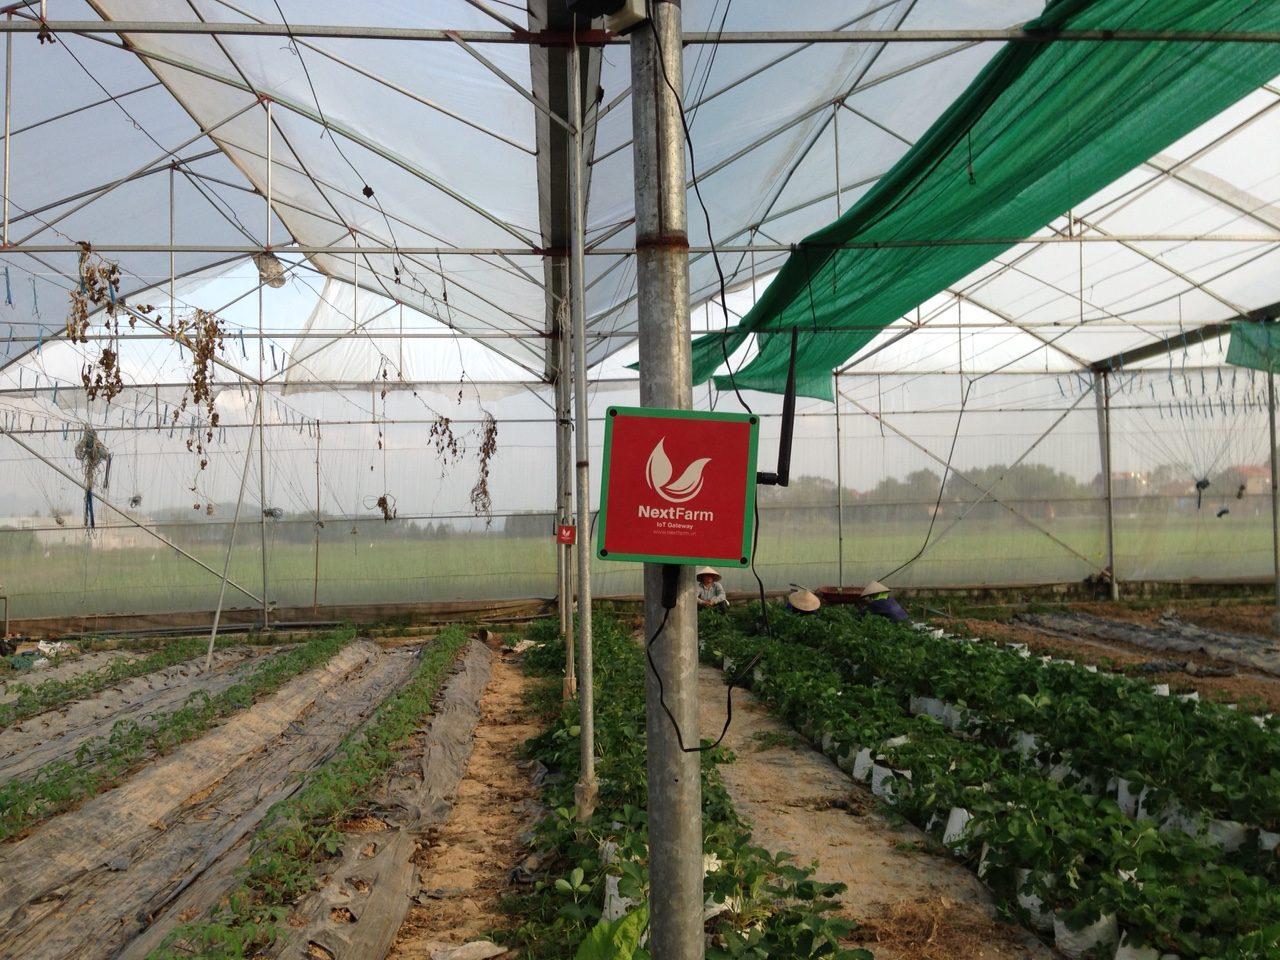 châm phân dinh dưỡng cây trồng